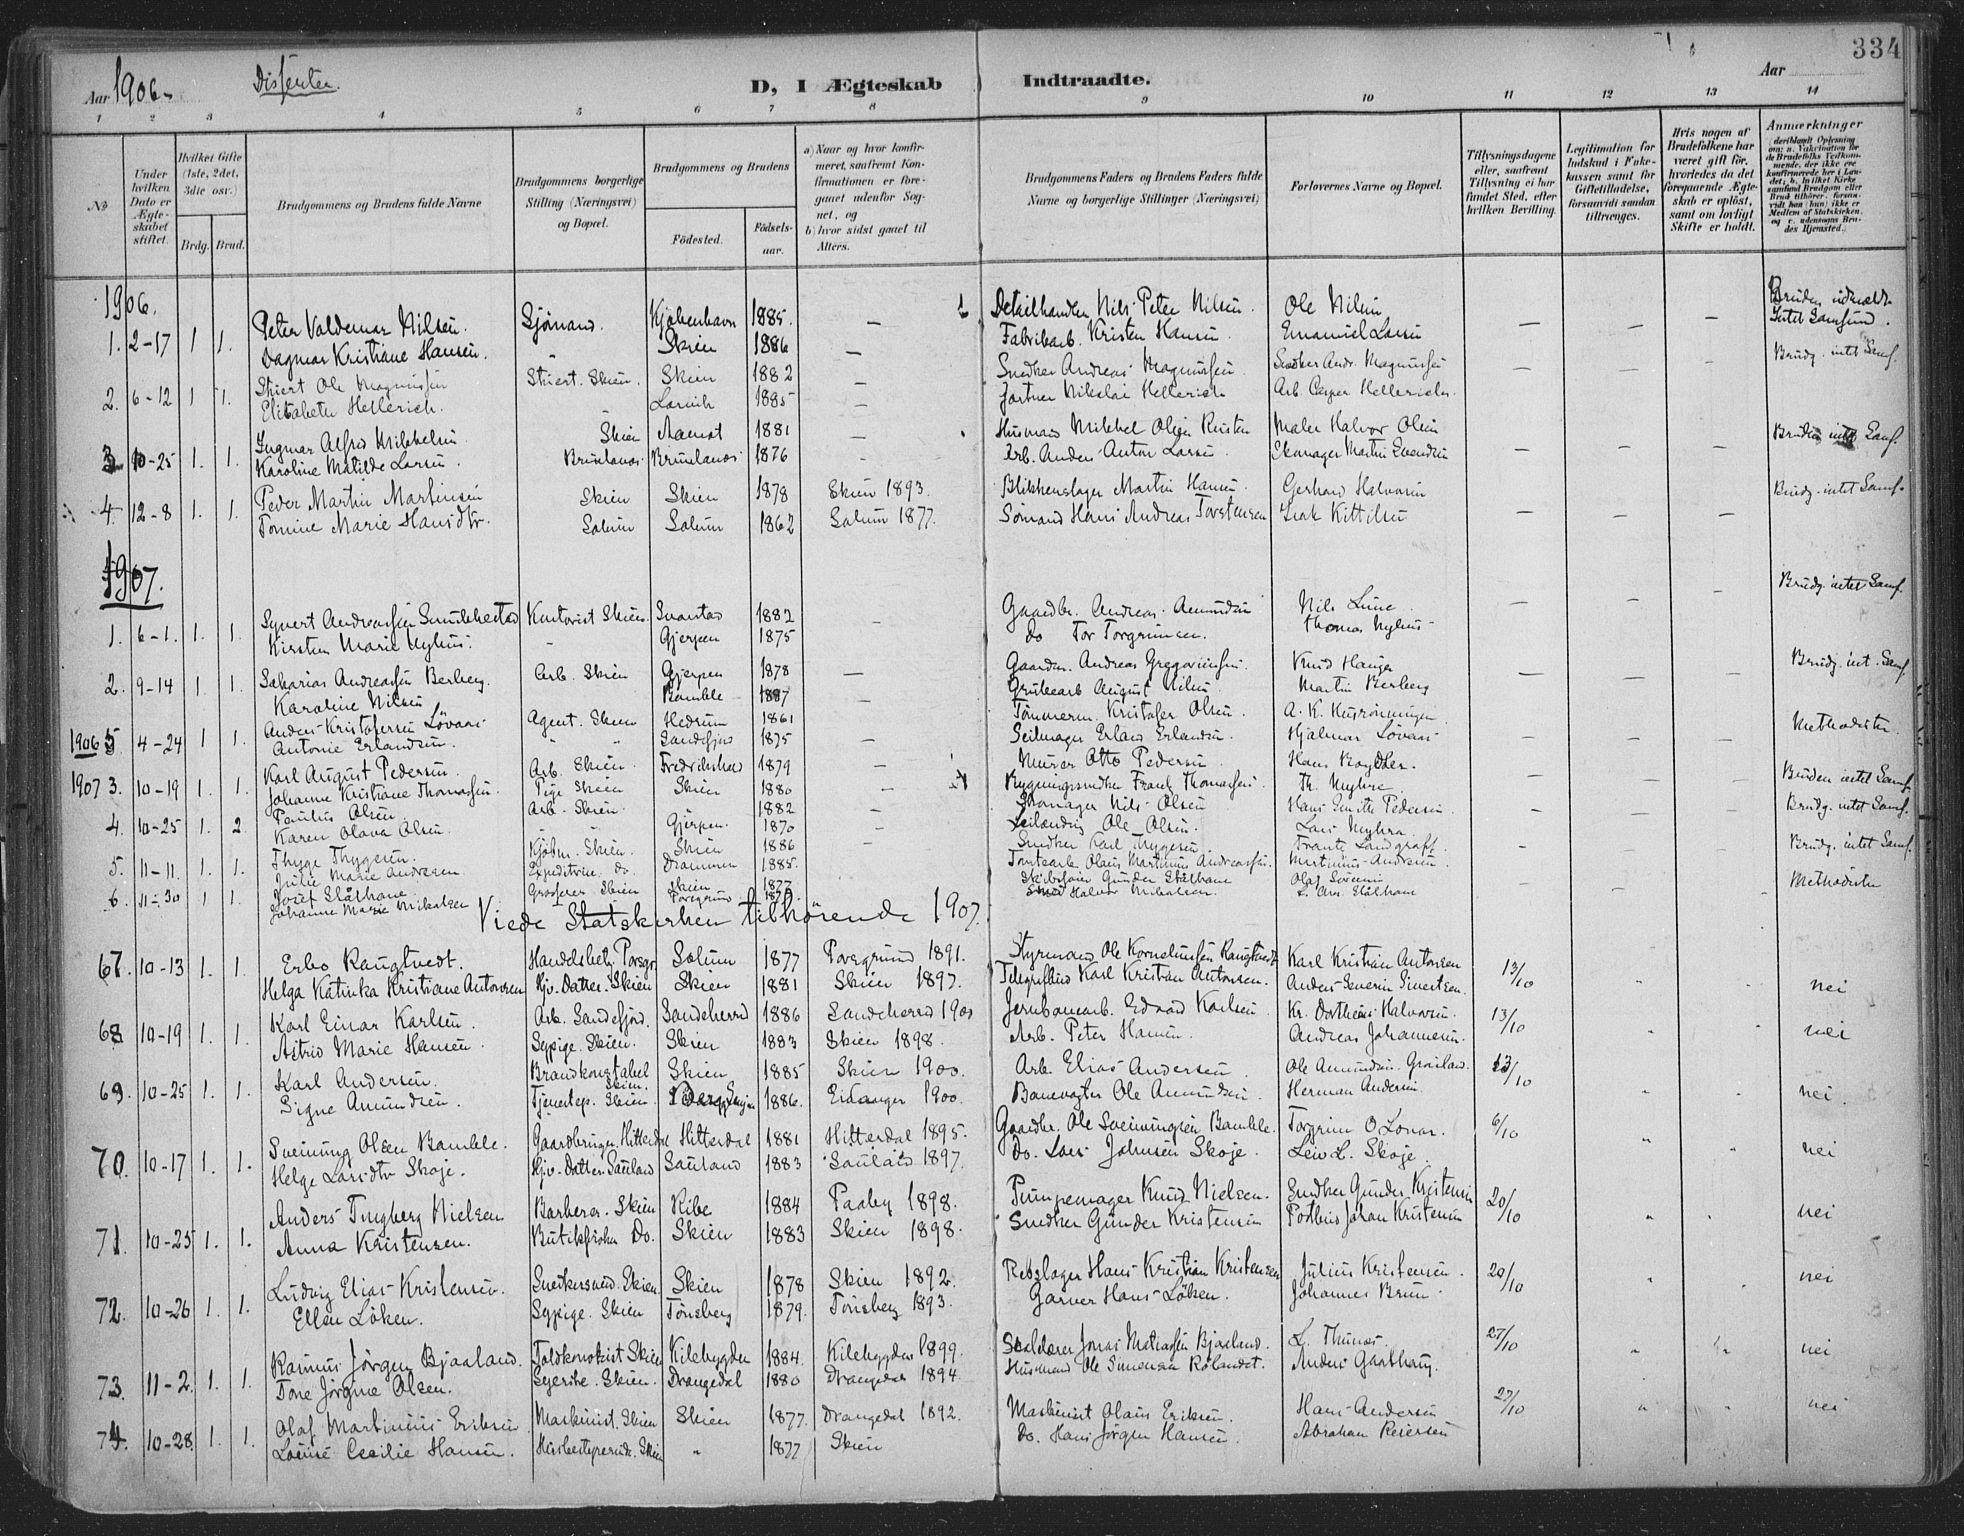 SAKO, Skien kirkebøker, F/Fa/L0011: Ministerialbok nr. 11, 1900-1907, s. 334